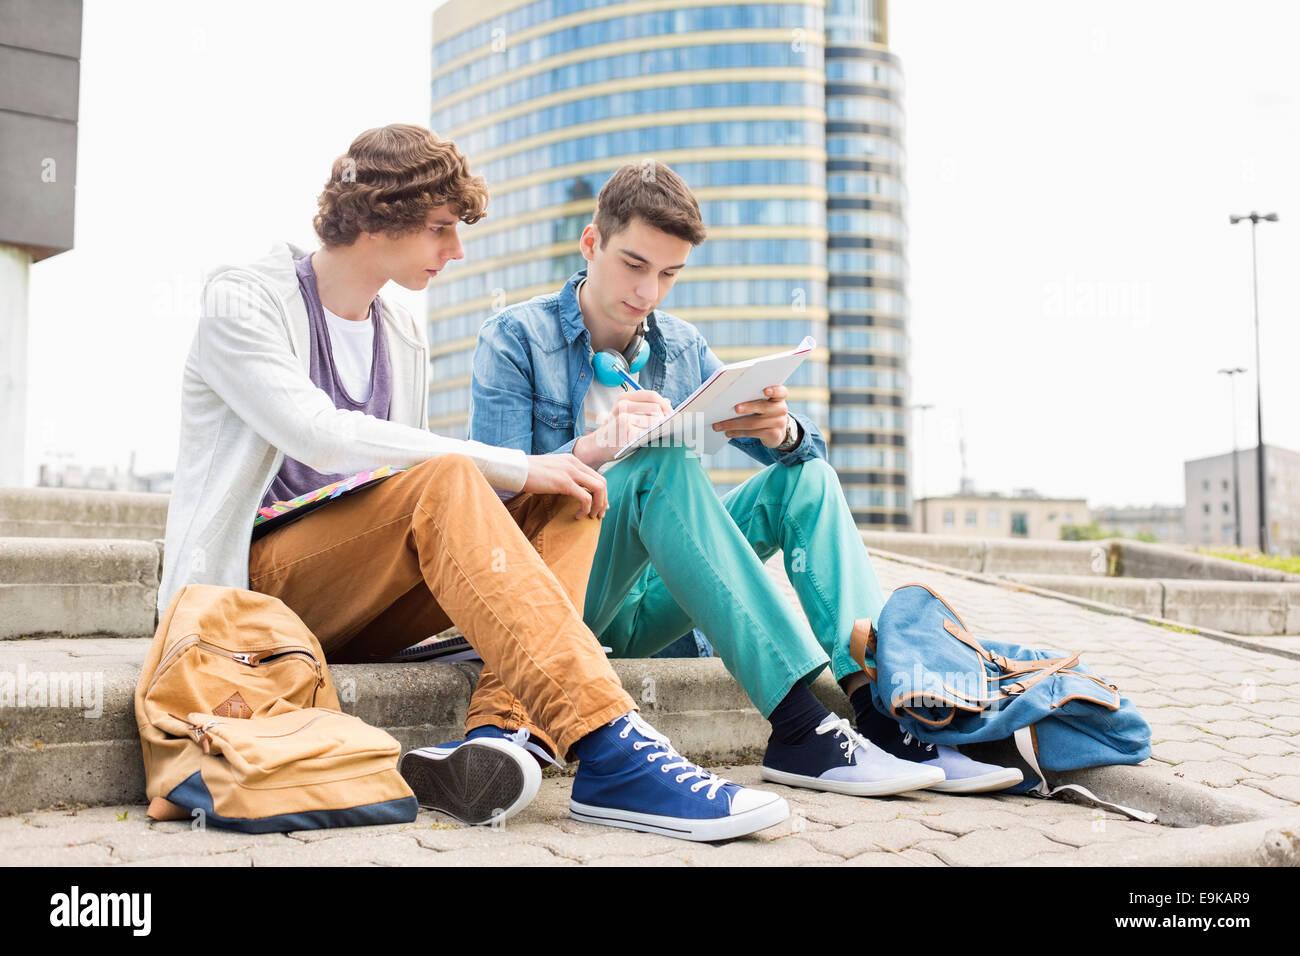 Toute la longueur du jeune homme college les étudiants qui participent à des mesures contre la construction Photo Stock